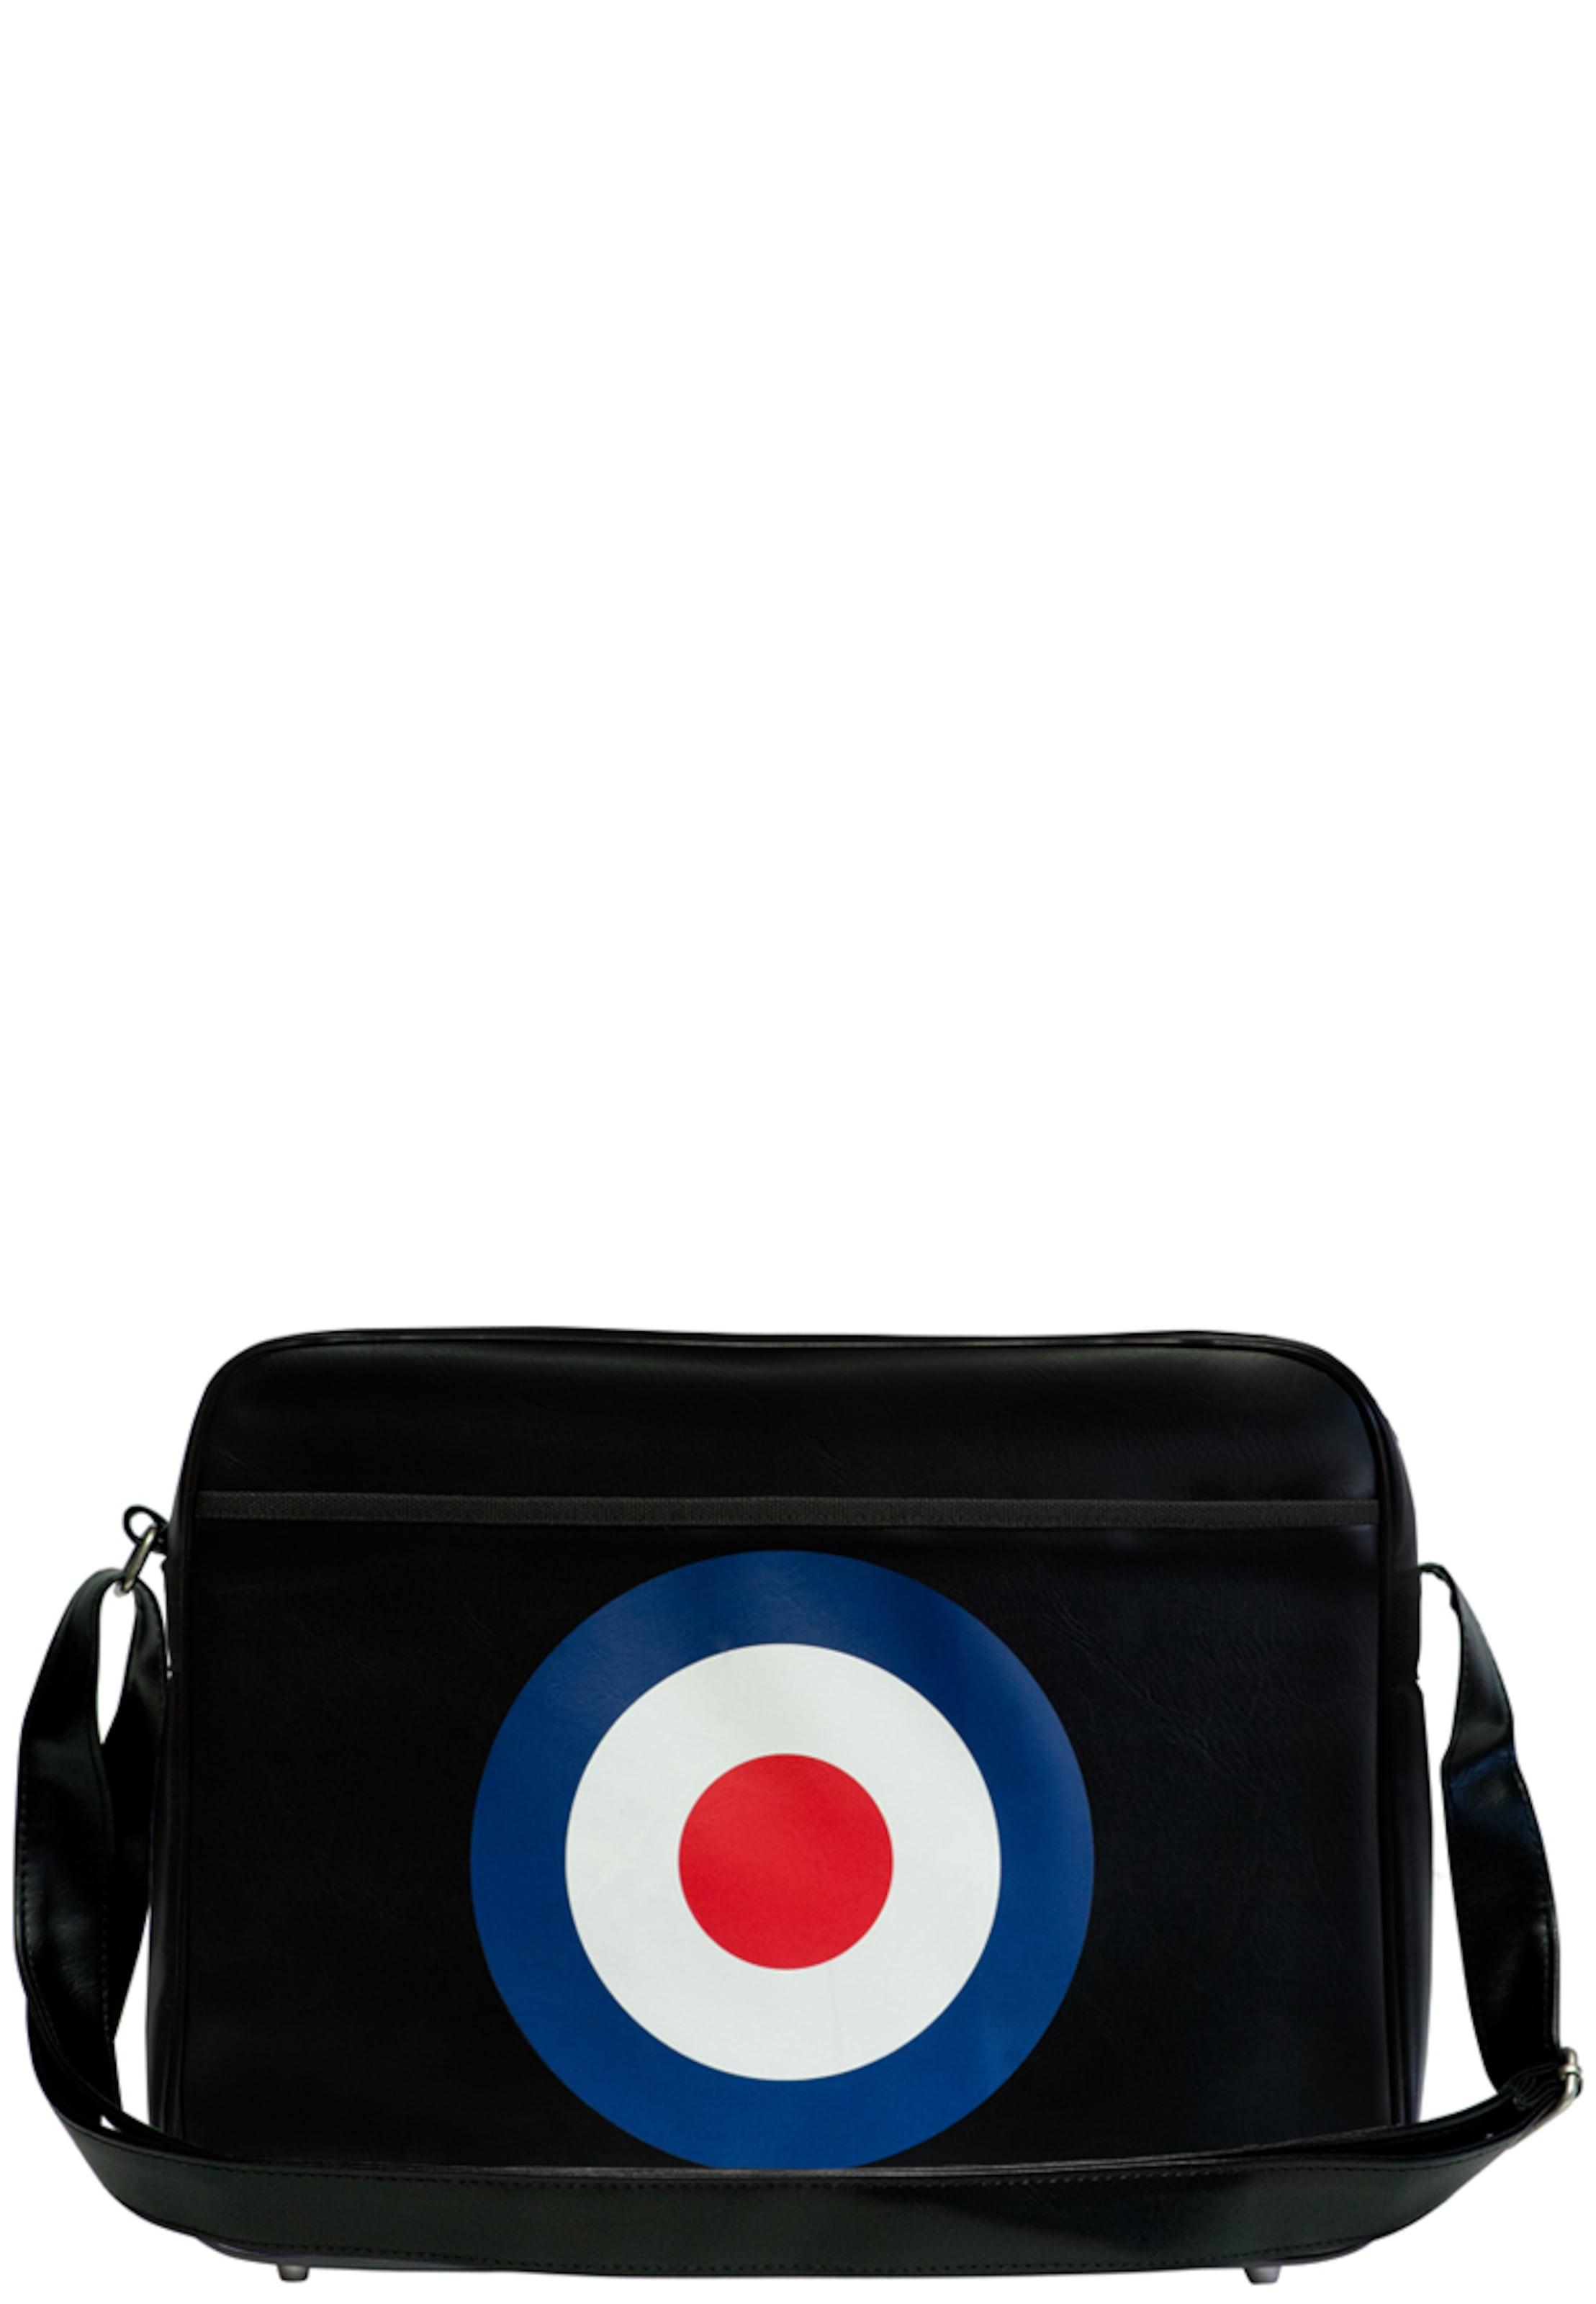 Beste Preise Im Netz Verkauf Echten LOGOSHIRT Tasche 'Target' Ebay Online 8coDS